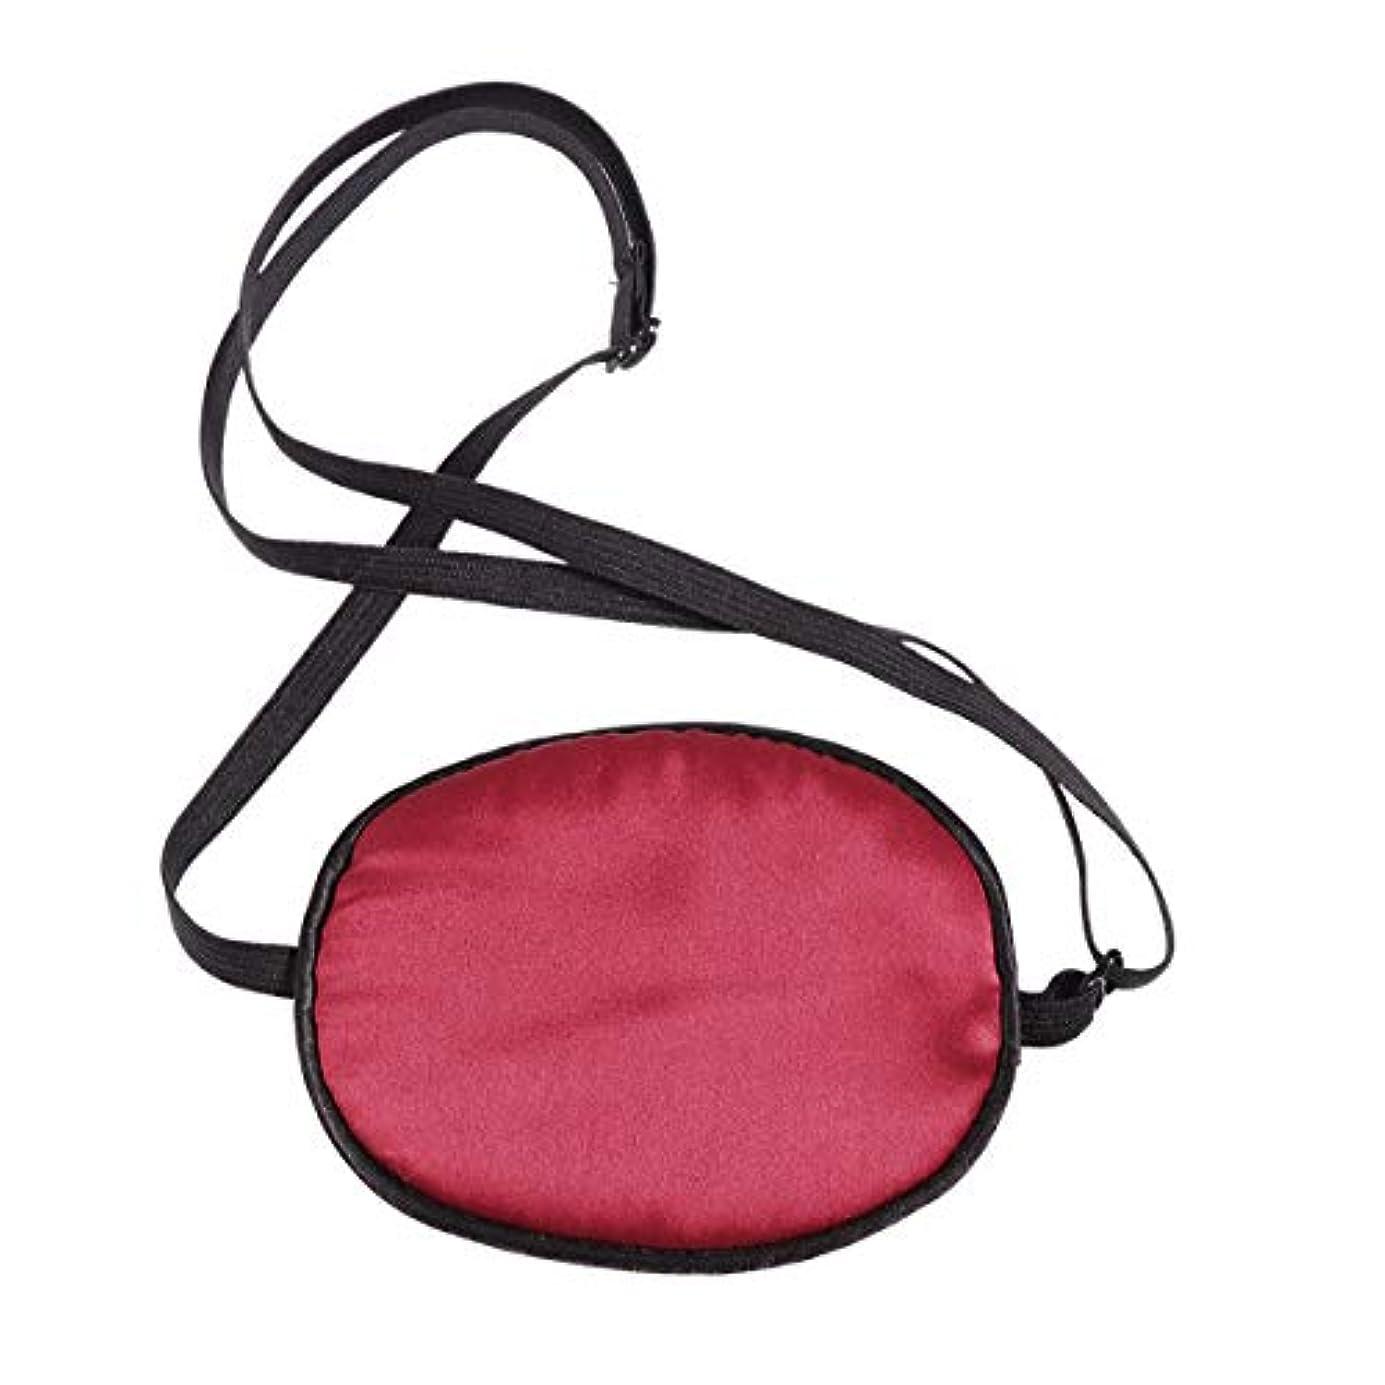 神経障害毒液大通りSUPVOX 調整可能なシルクパイレーツアイパッチキッズ弱視斜視用怠惰な目のためのソフトで快適なシングルアイマスク